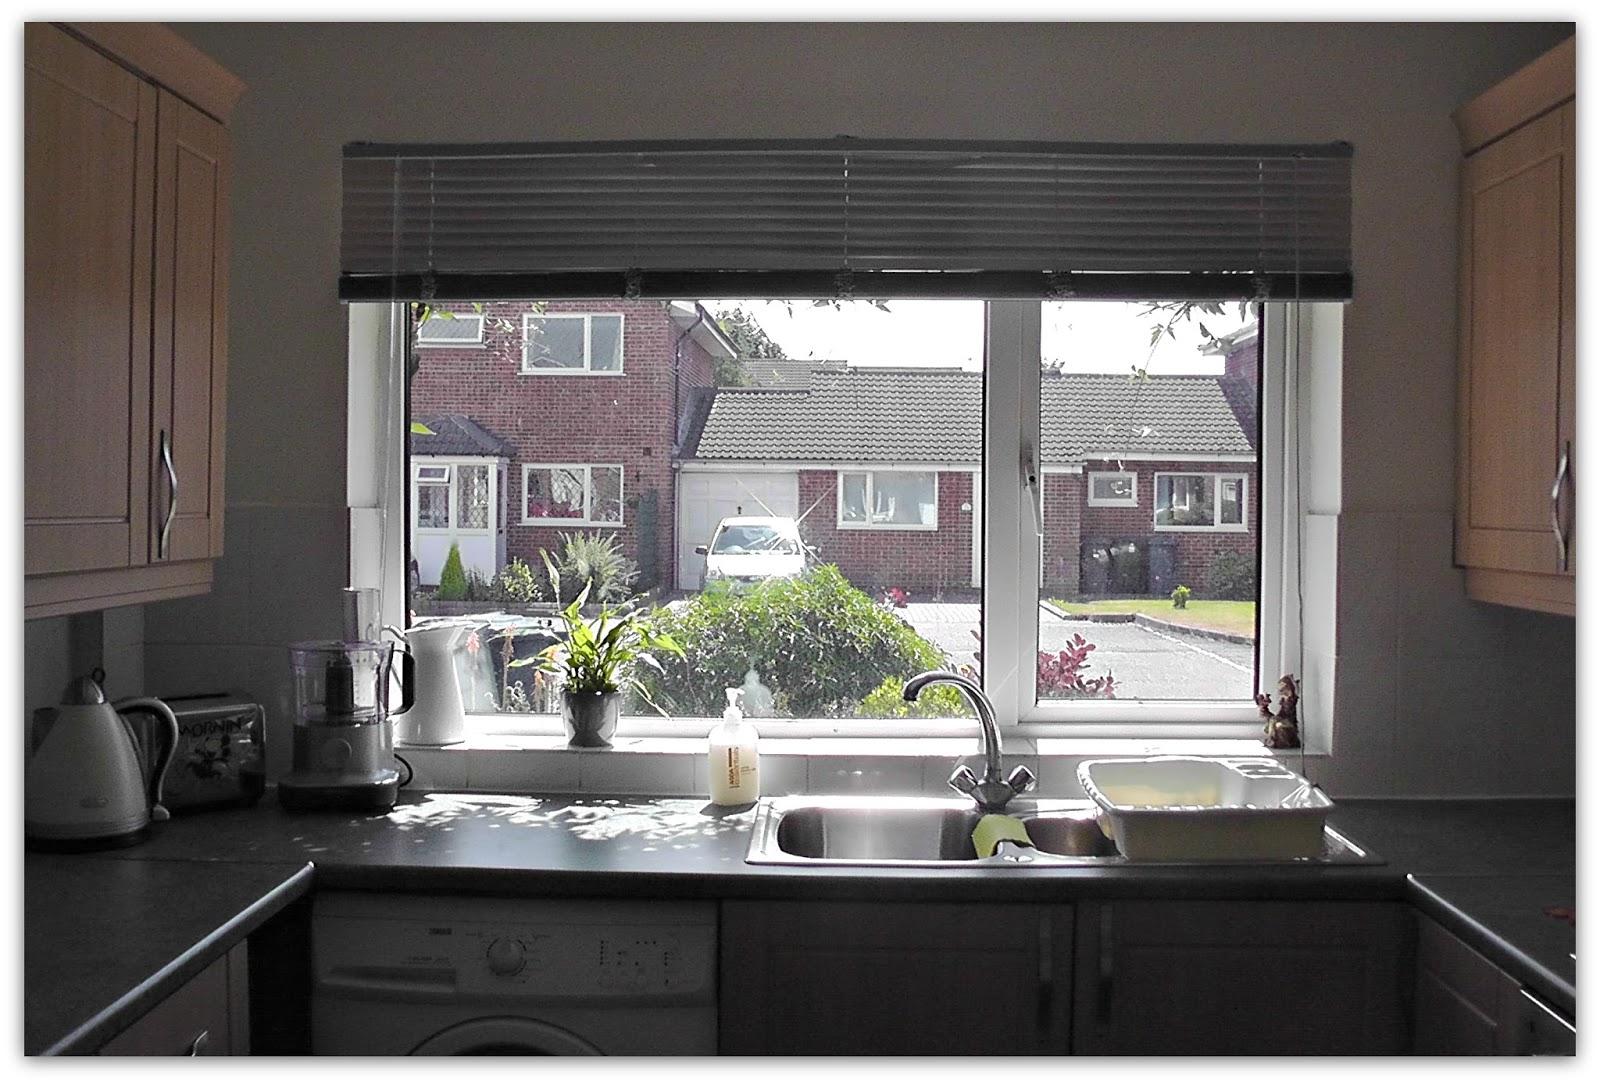 Cucine Con Finestra Sul Lavello | Cucine Bianche Moderne Cose Di Casa